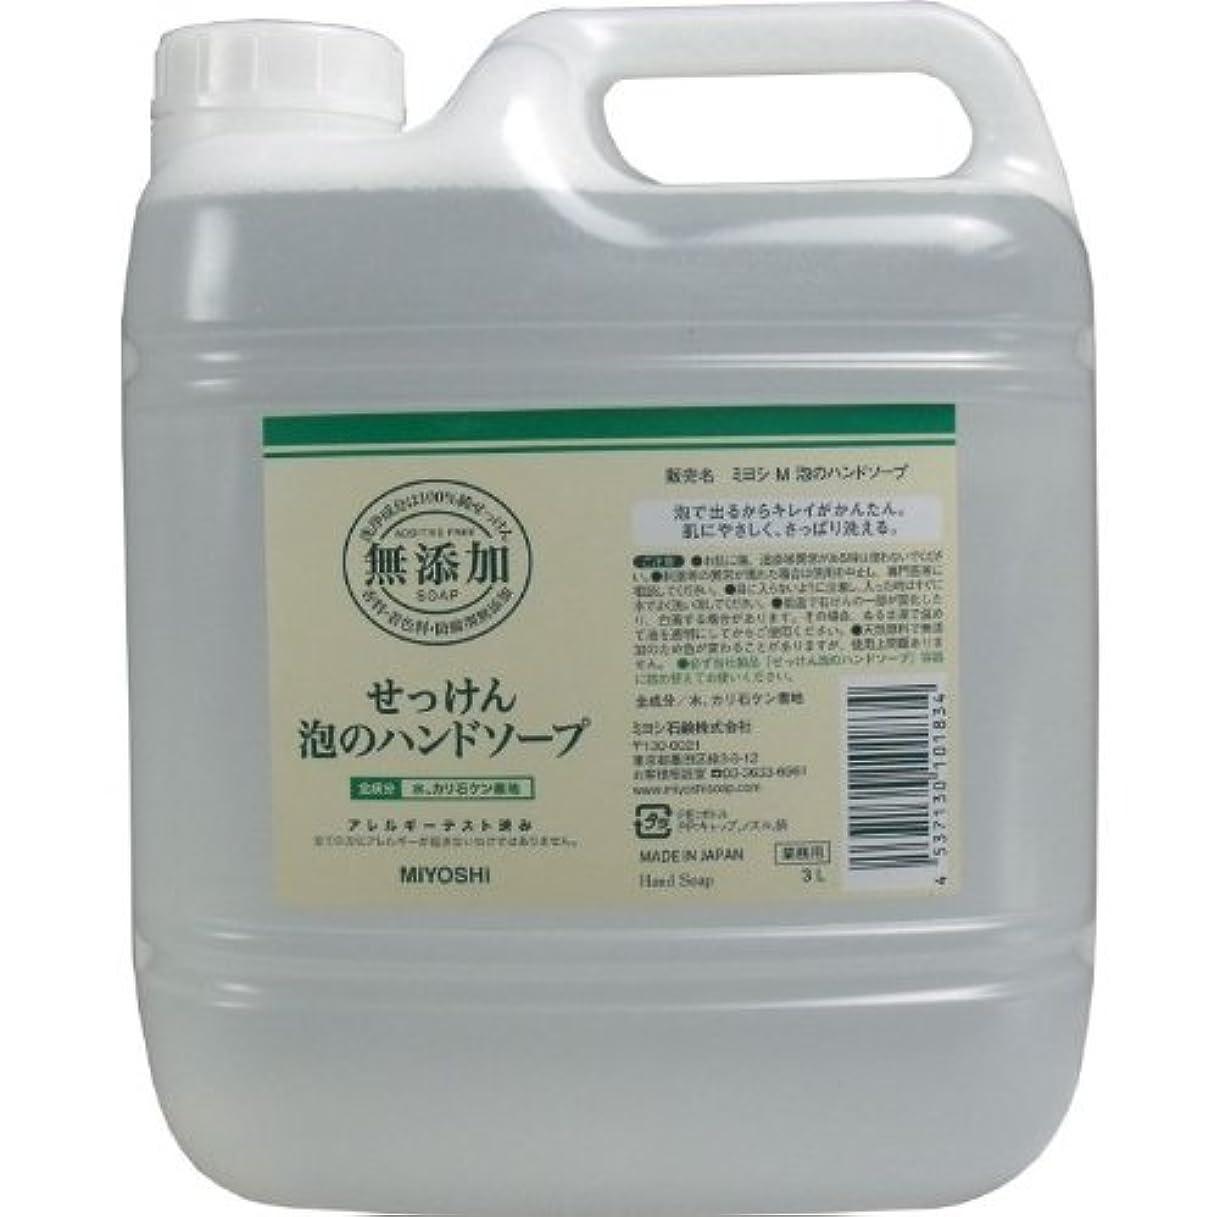 確保するエコー吐き出す泡で出るからキレイが簡単!家事の間のサッと洗いも簡単!香料、着色料、防腐剤無添加!(業務用)3L【4個セット】